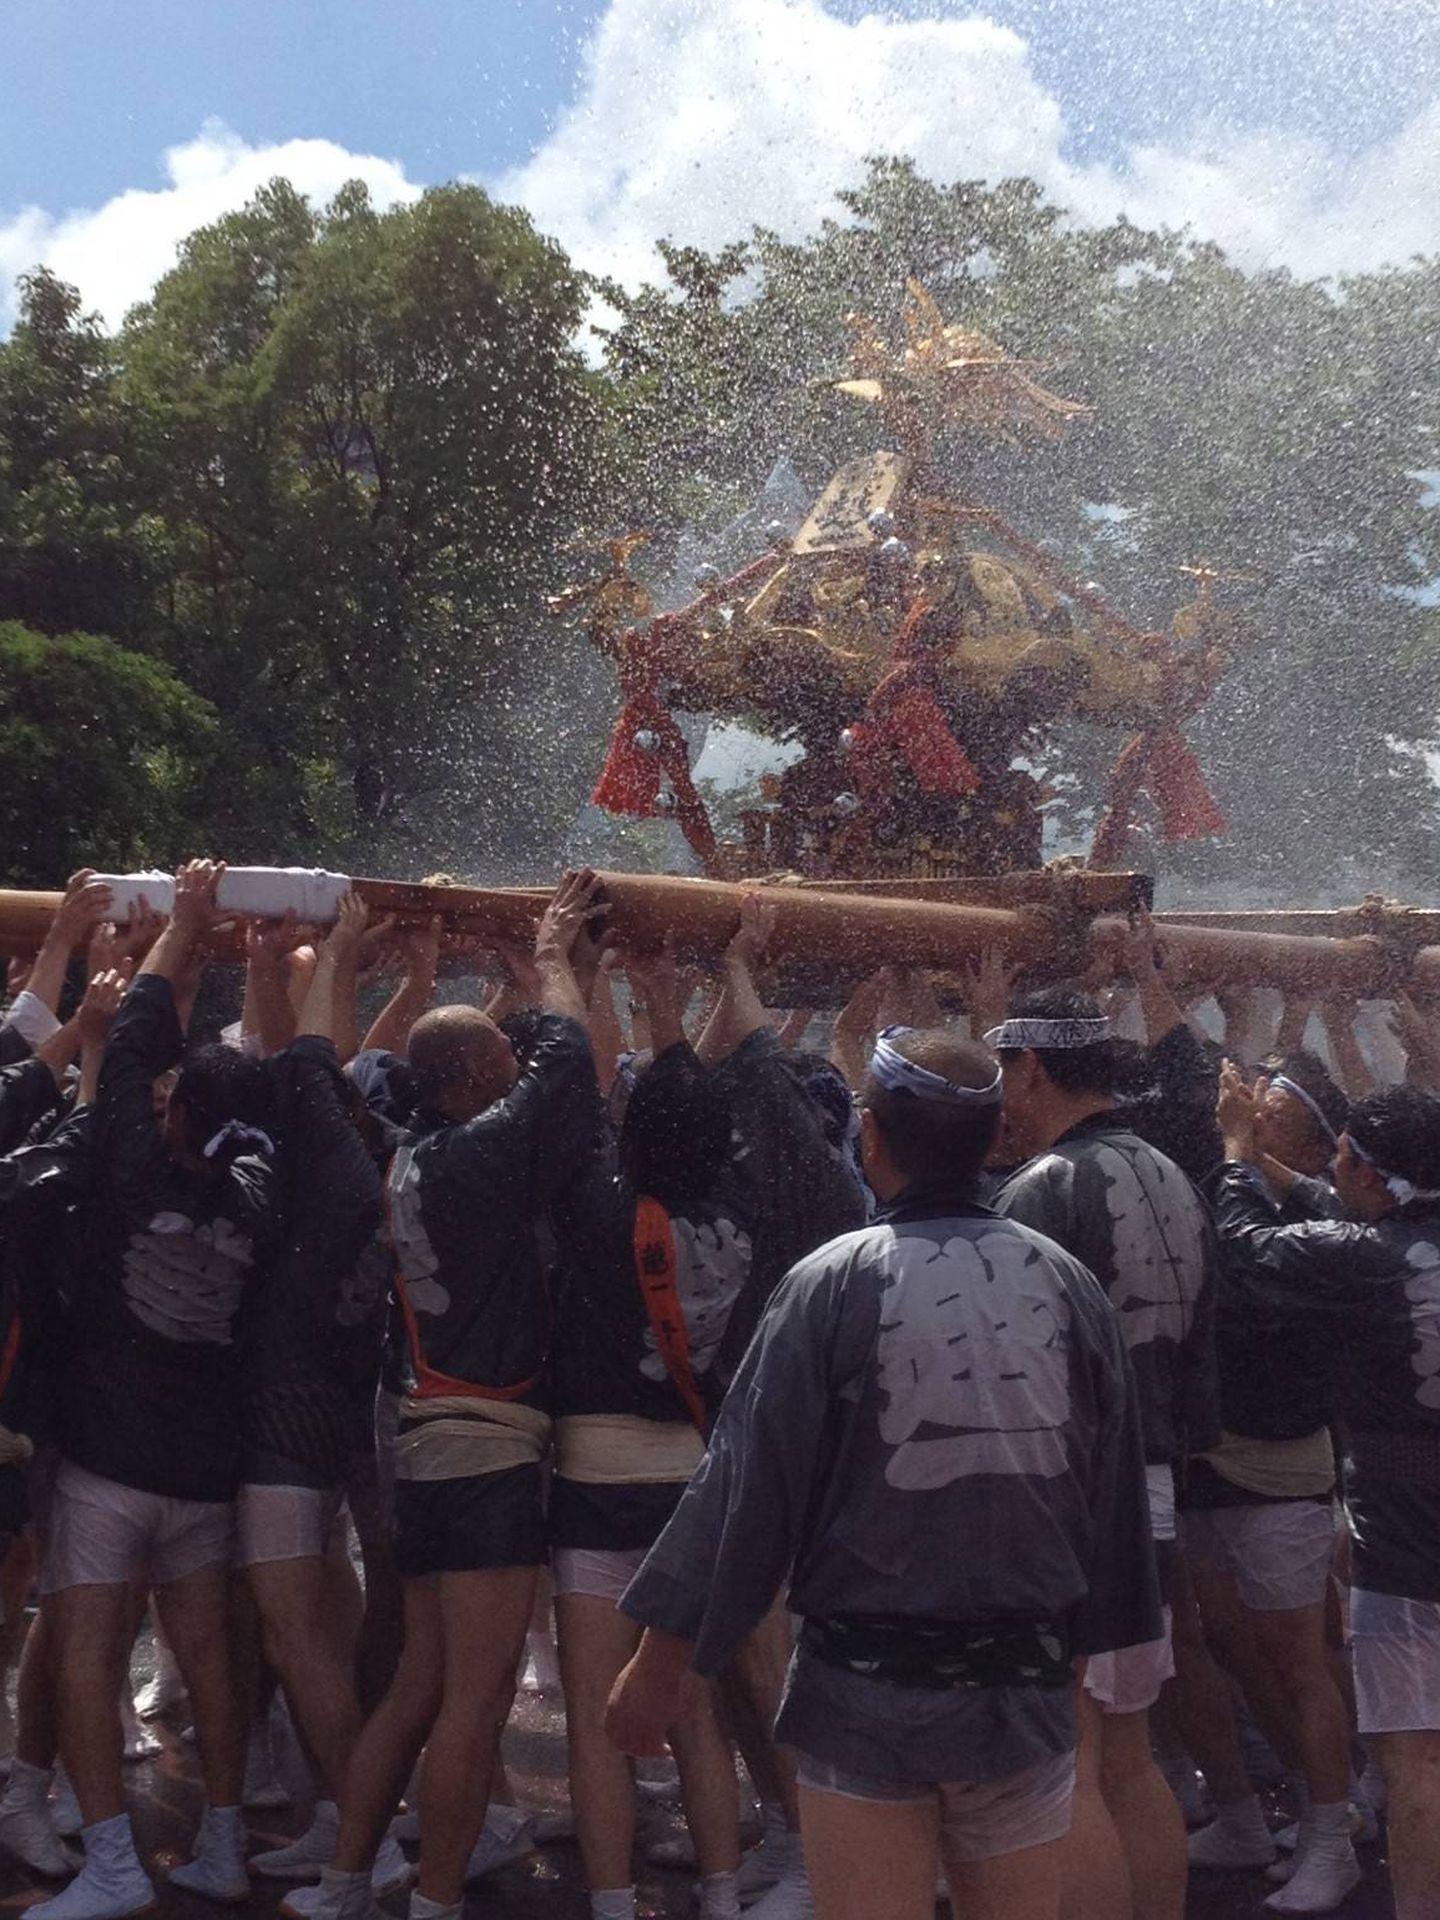 Durante el desfile por las calles de Koto-Ku, los visitantes les arrojan agua